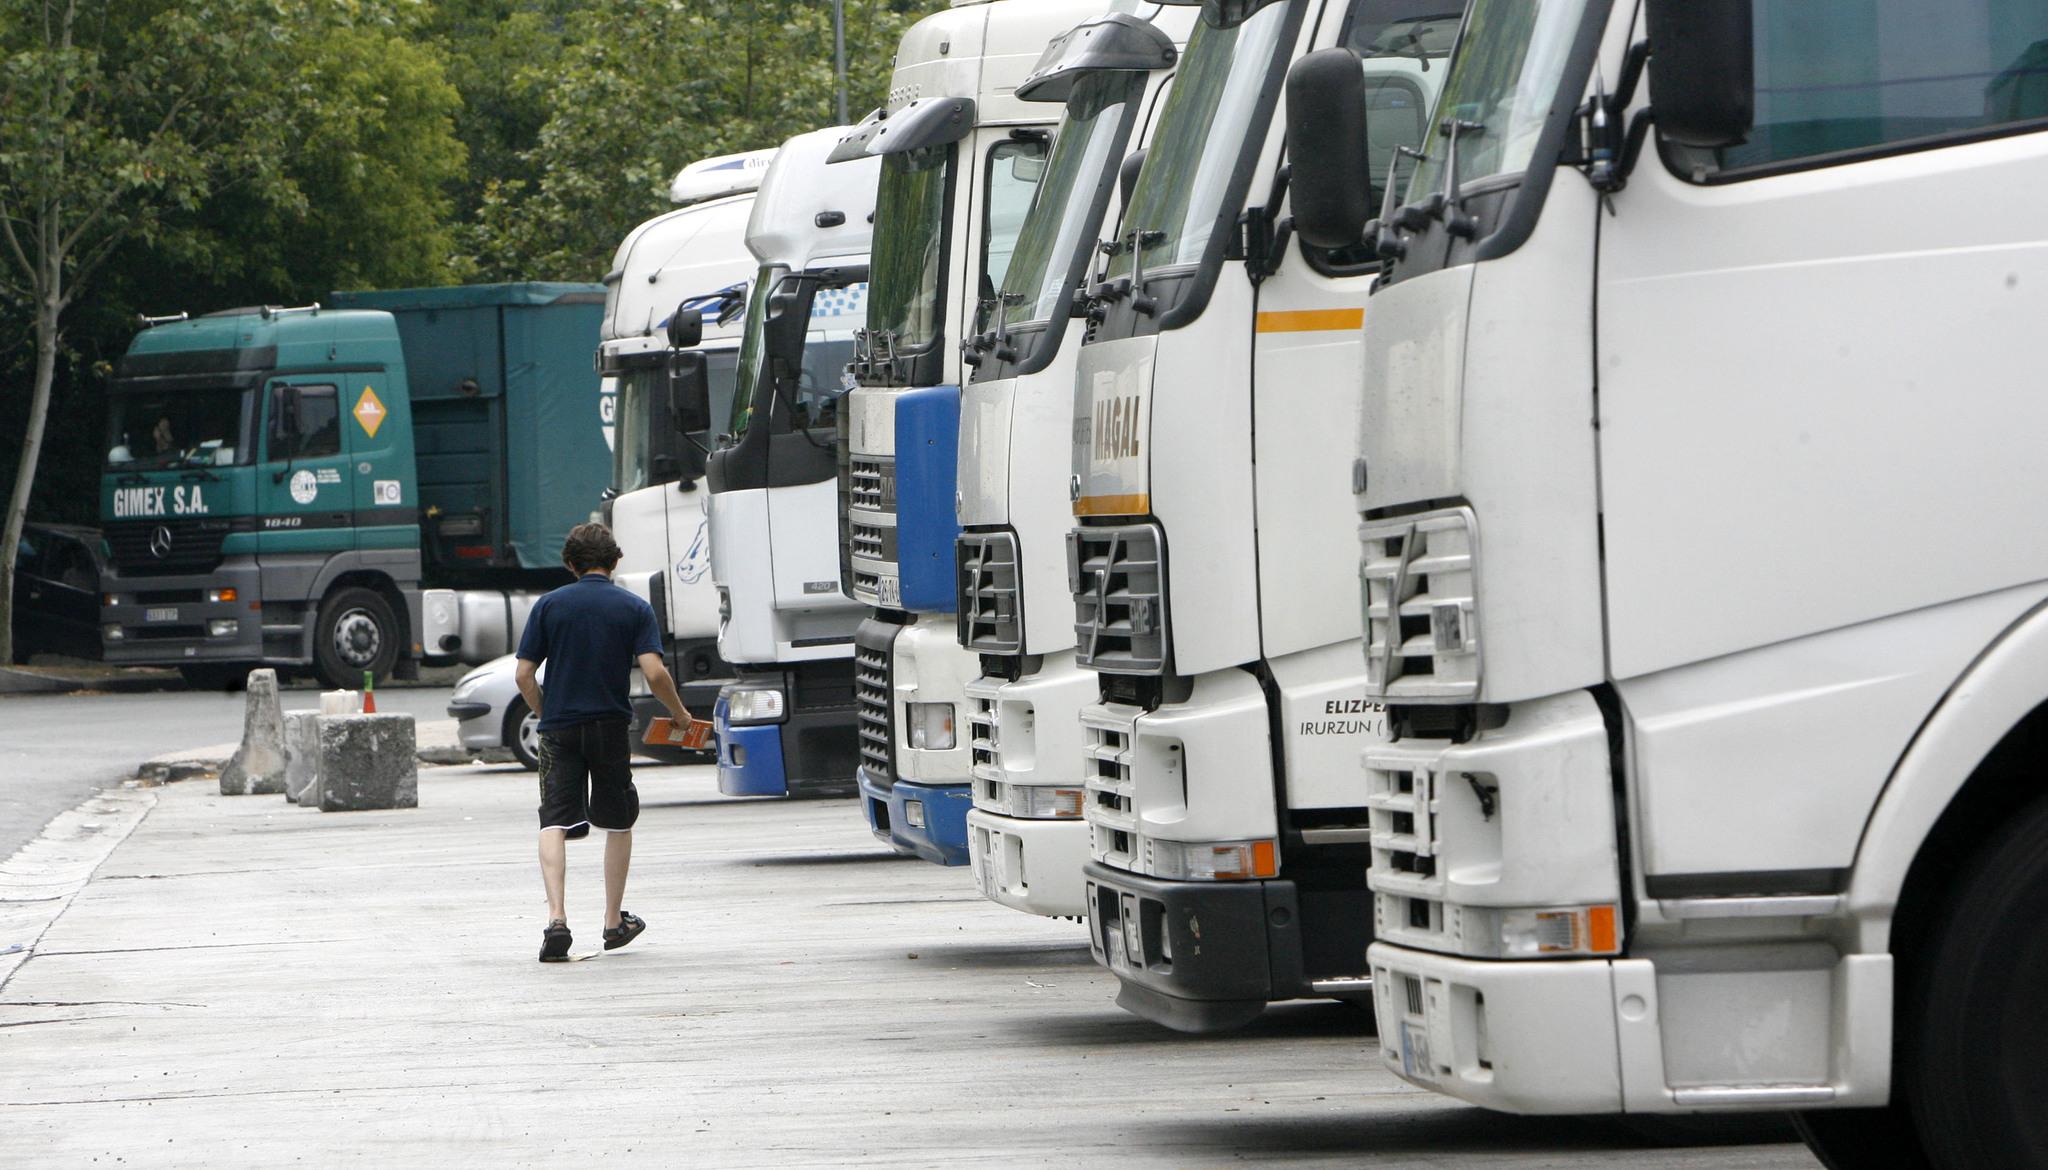 Varios camiones aparcados.